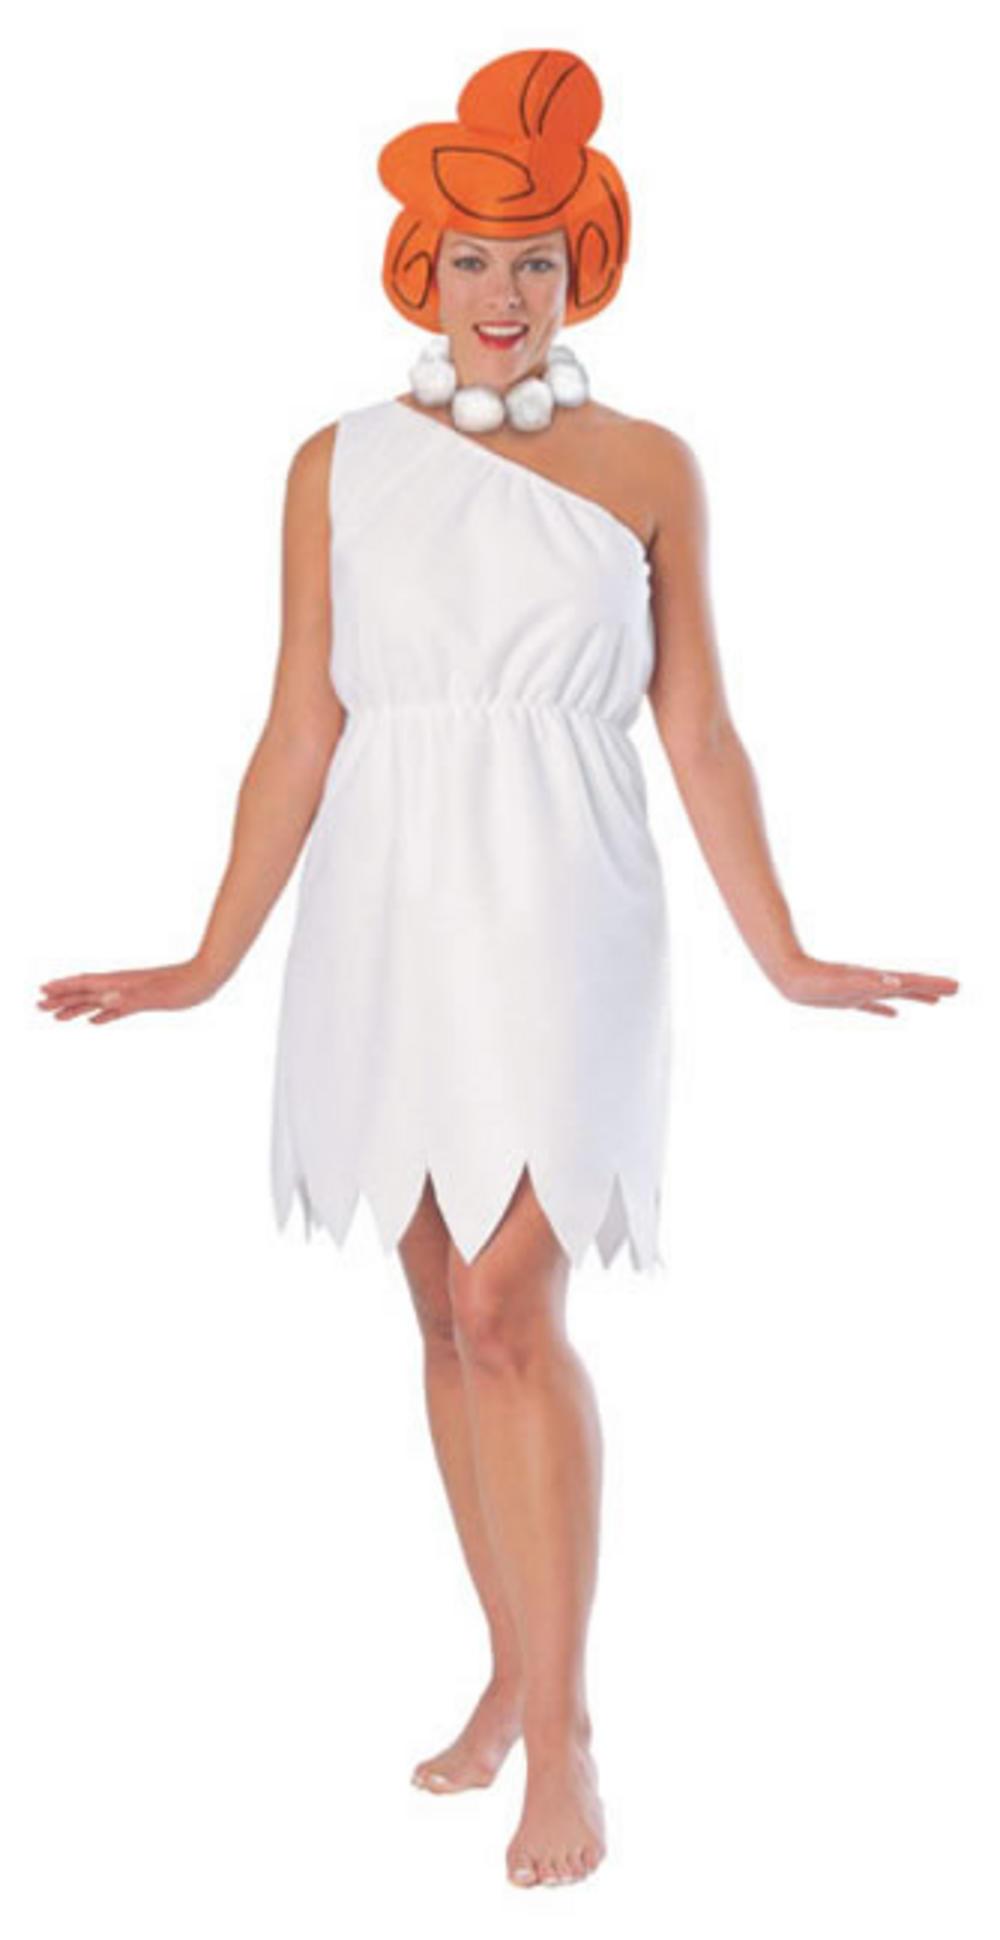 Wilma Flintstones Adult TV Fancy Dress Costume S 10 12